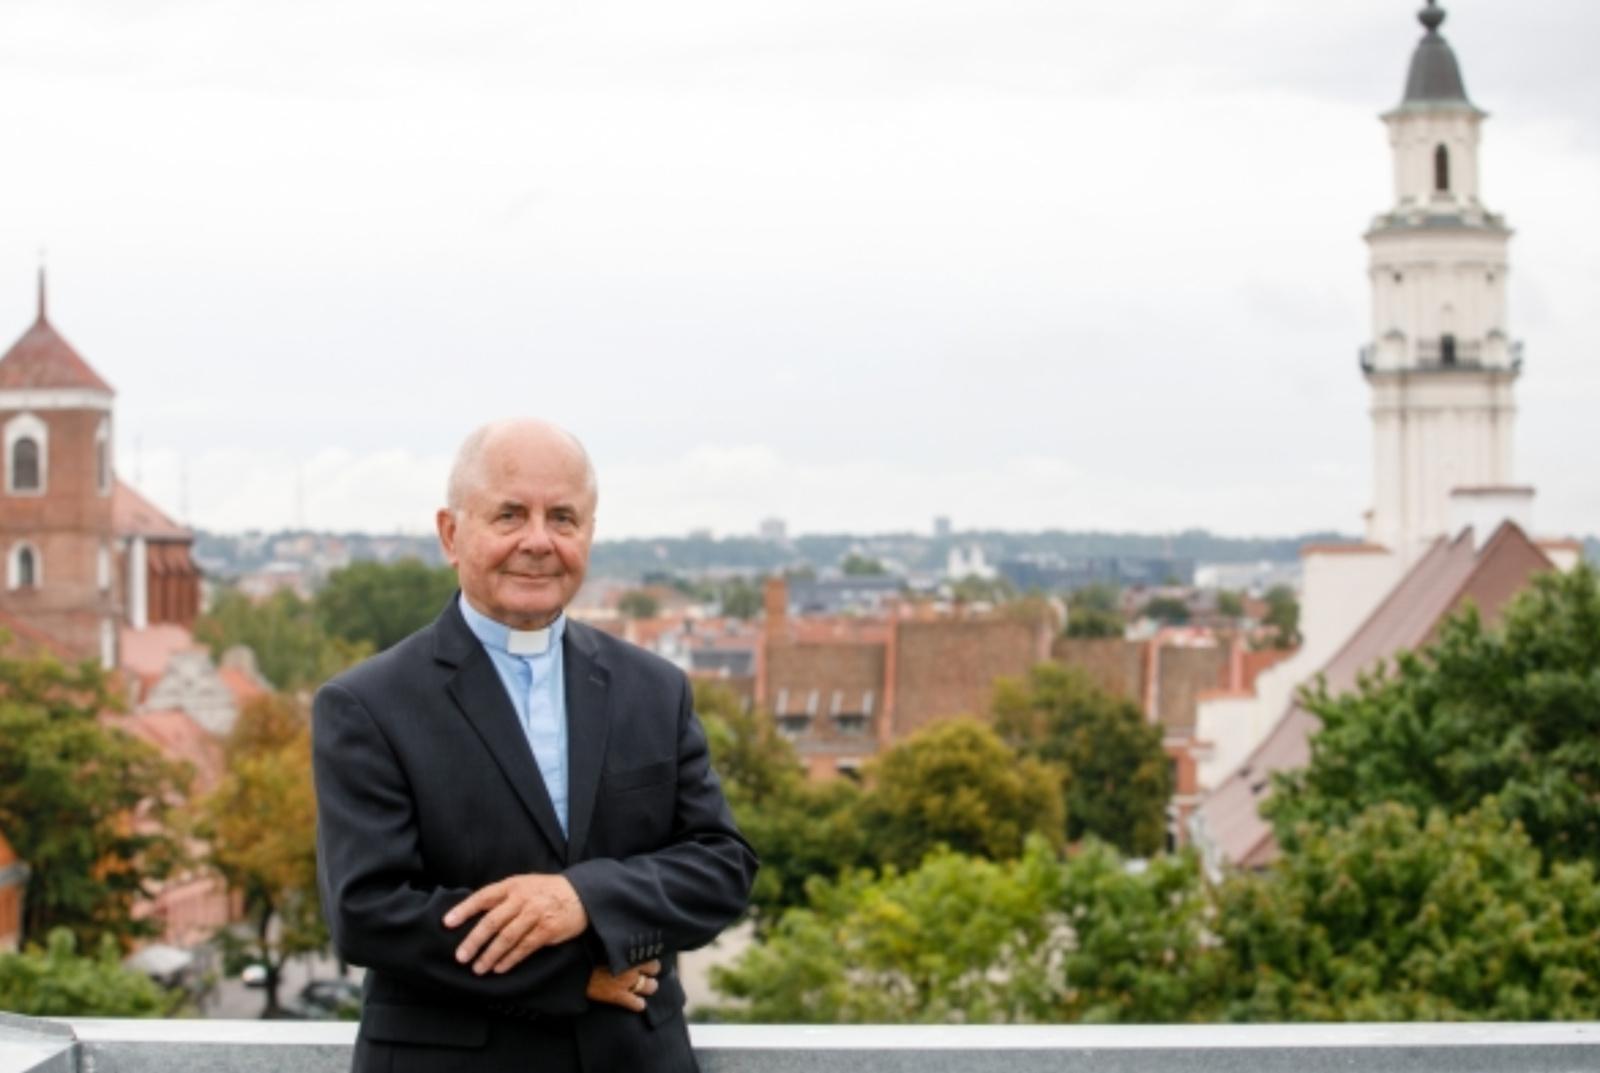 Iškilmingame renginyje arkivyskupui emeritui S. Tamkevičiui bus suteiktas kardinolo titulas